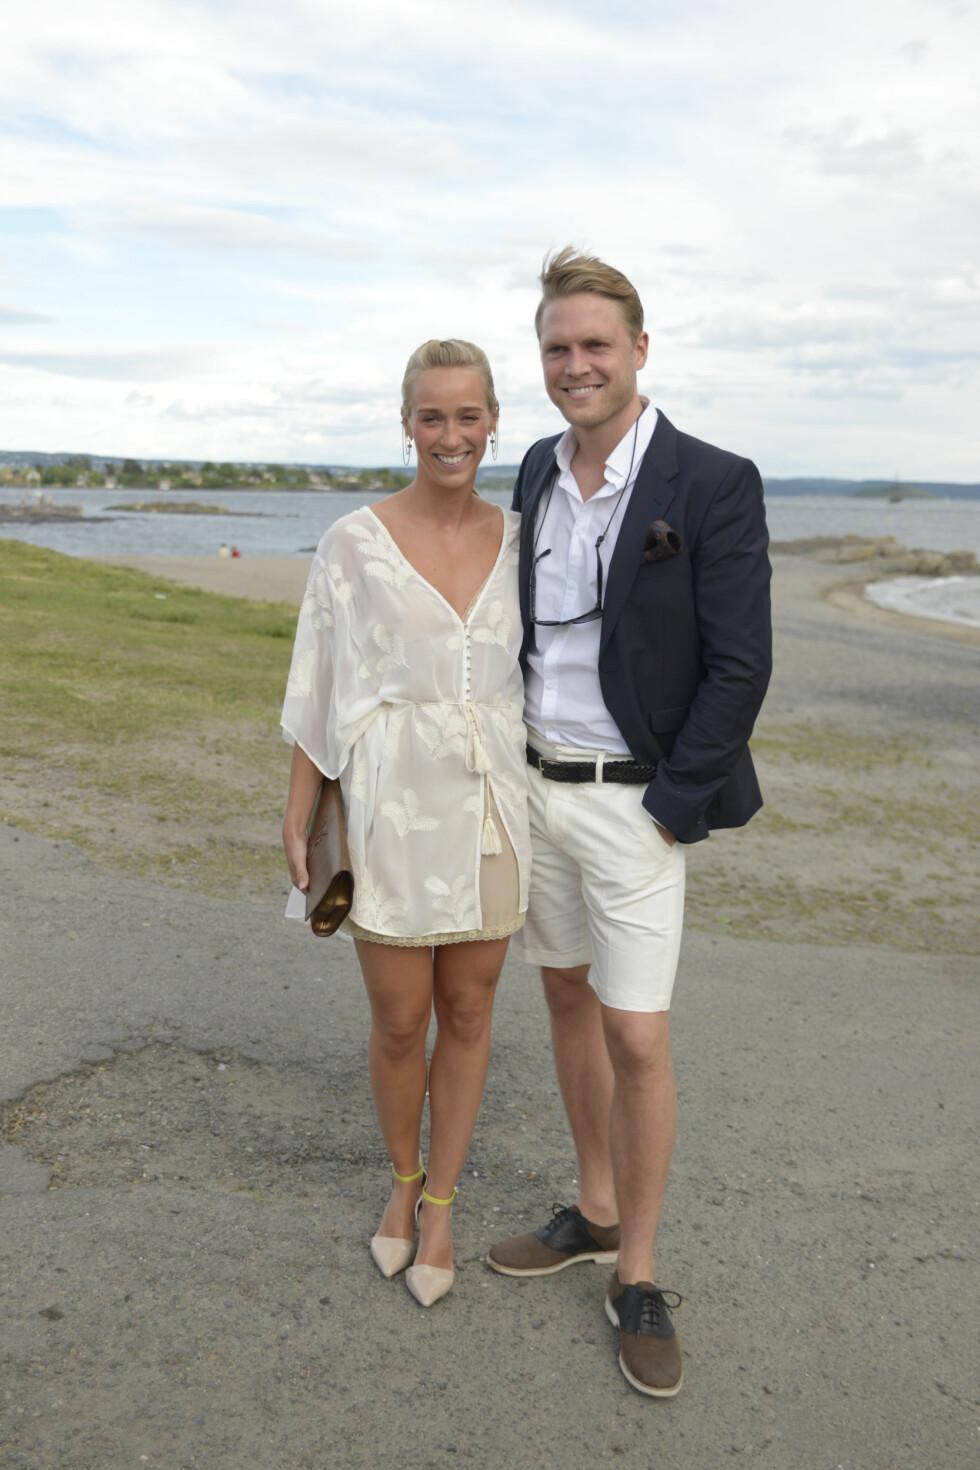 FORLOVET: Til høsten skal Katarina Flatland og forloveden Harald Dobloug planlegge bryllup. De forlovet seg i New York denne våren. Foto: Robert S. Eik for VG // NTB Scanpix